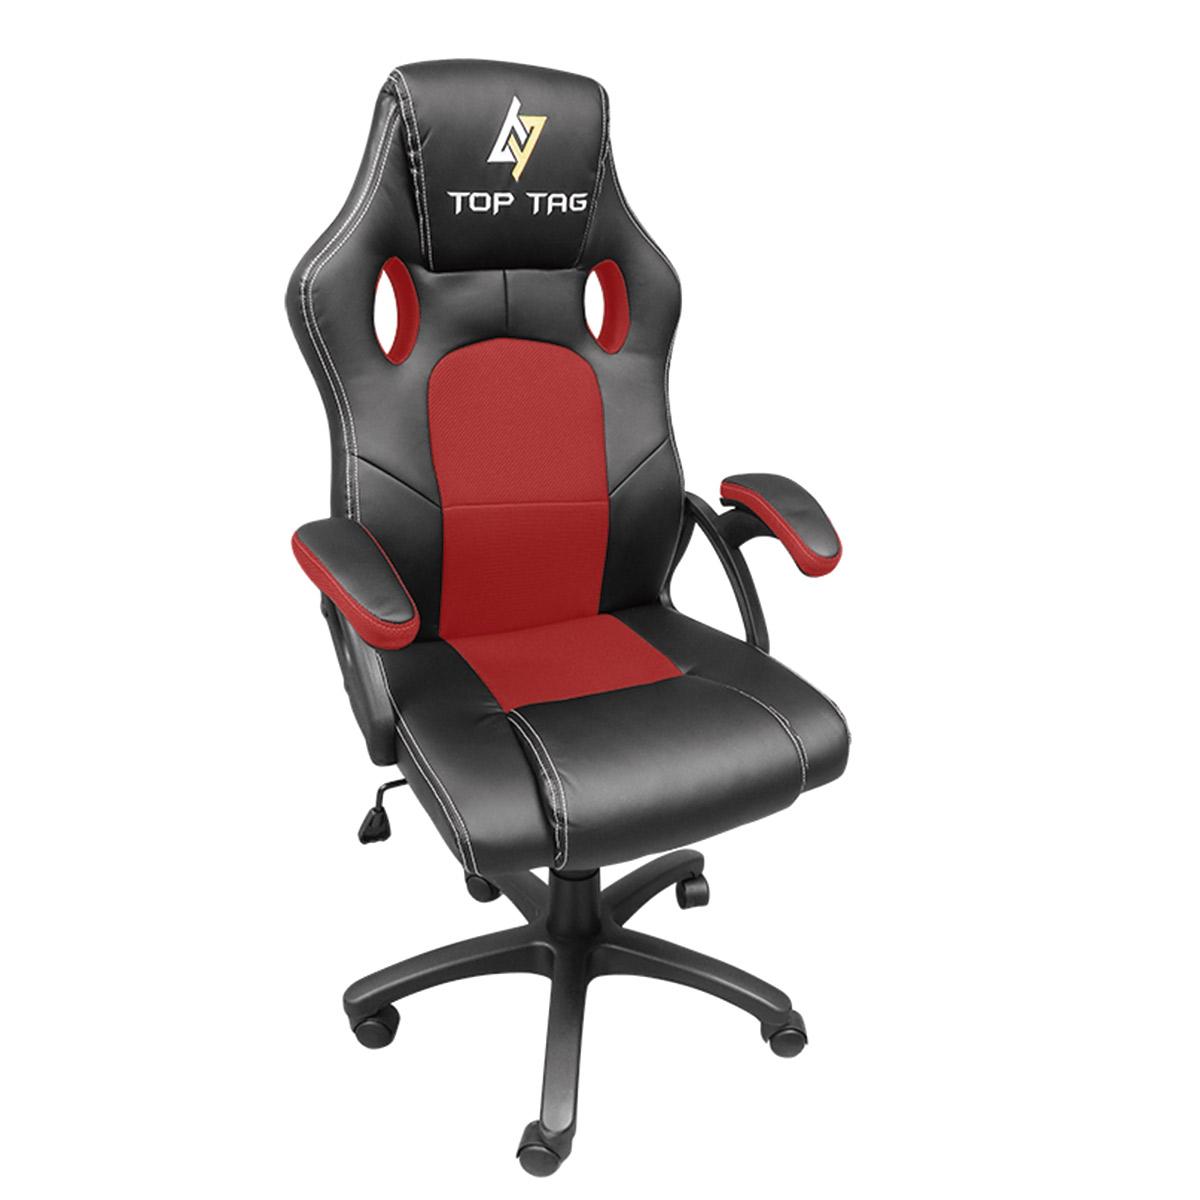 Cadeira Gamer Top Tag Giratoria VERMELHO - HS2706RD